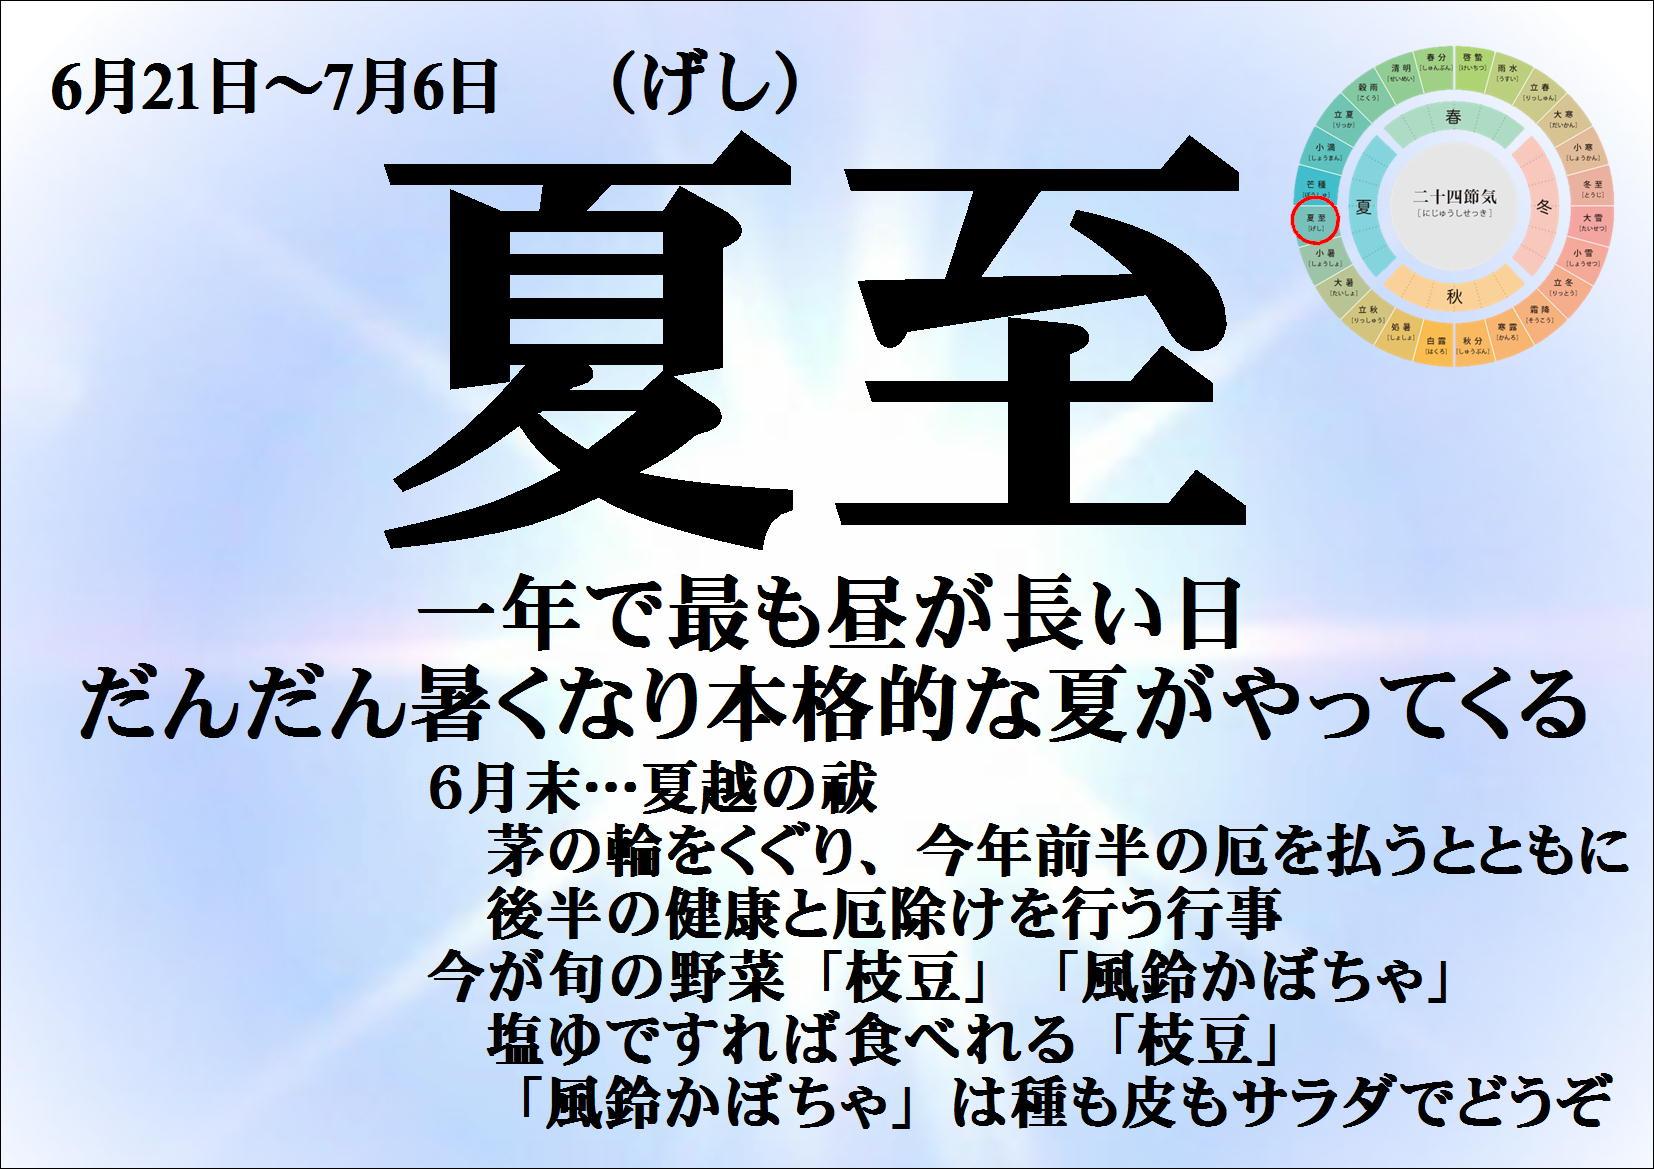 6月21日(木)~7月6日(金)は「夏至(げし)」です